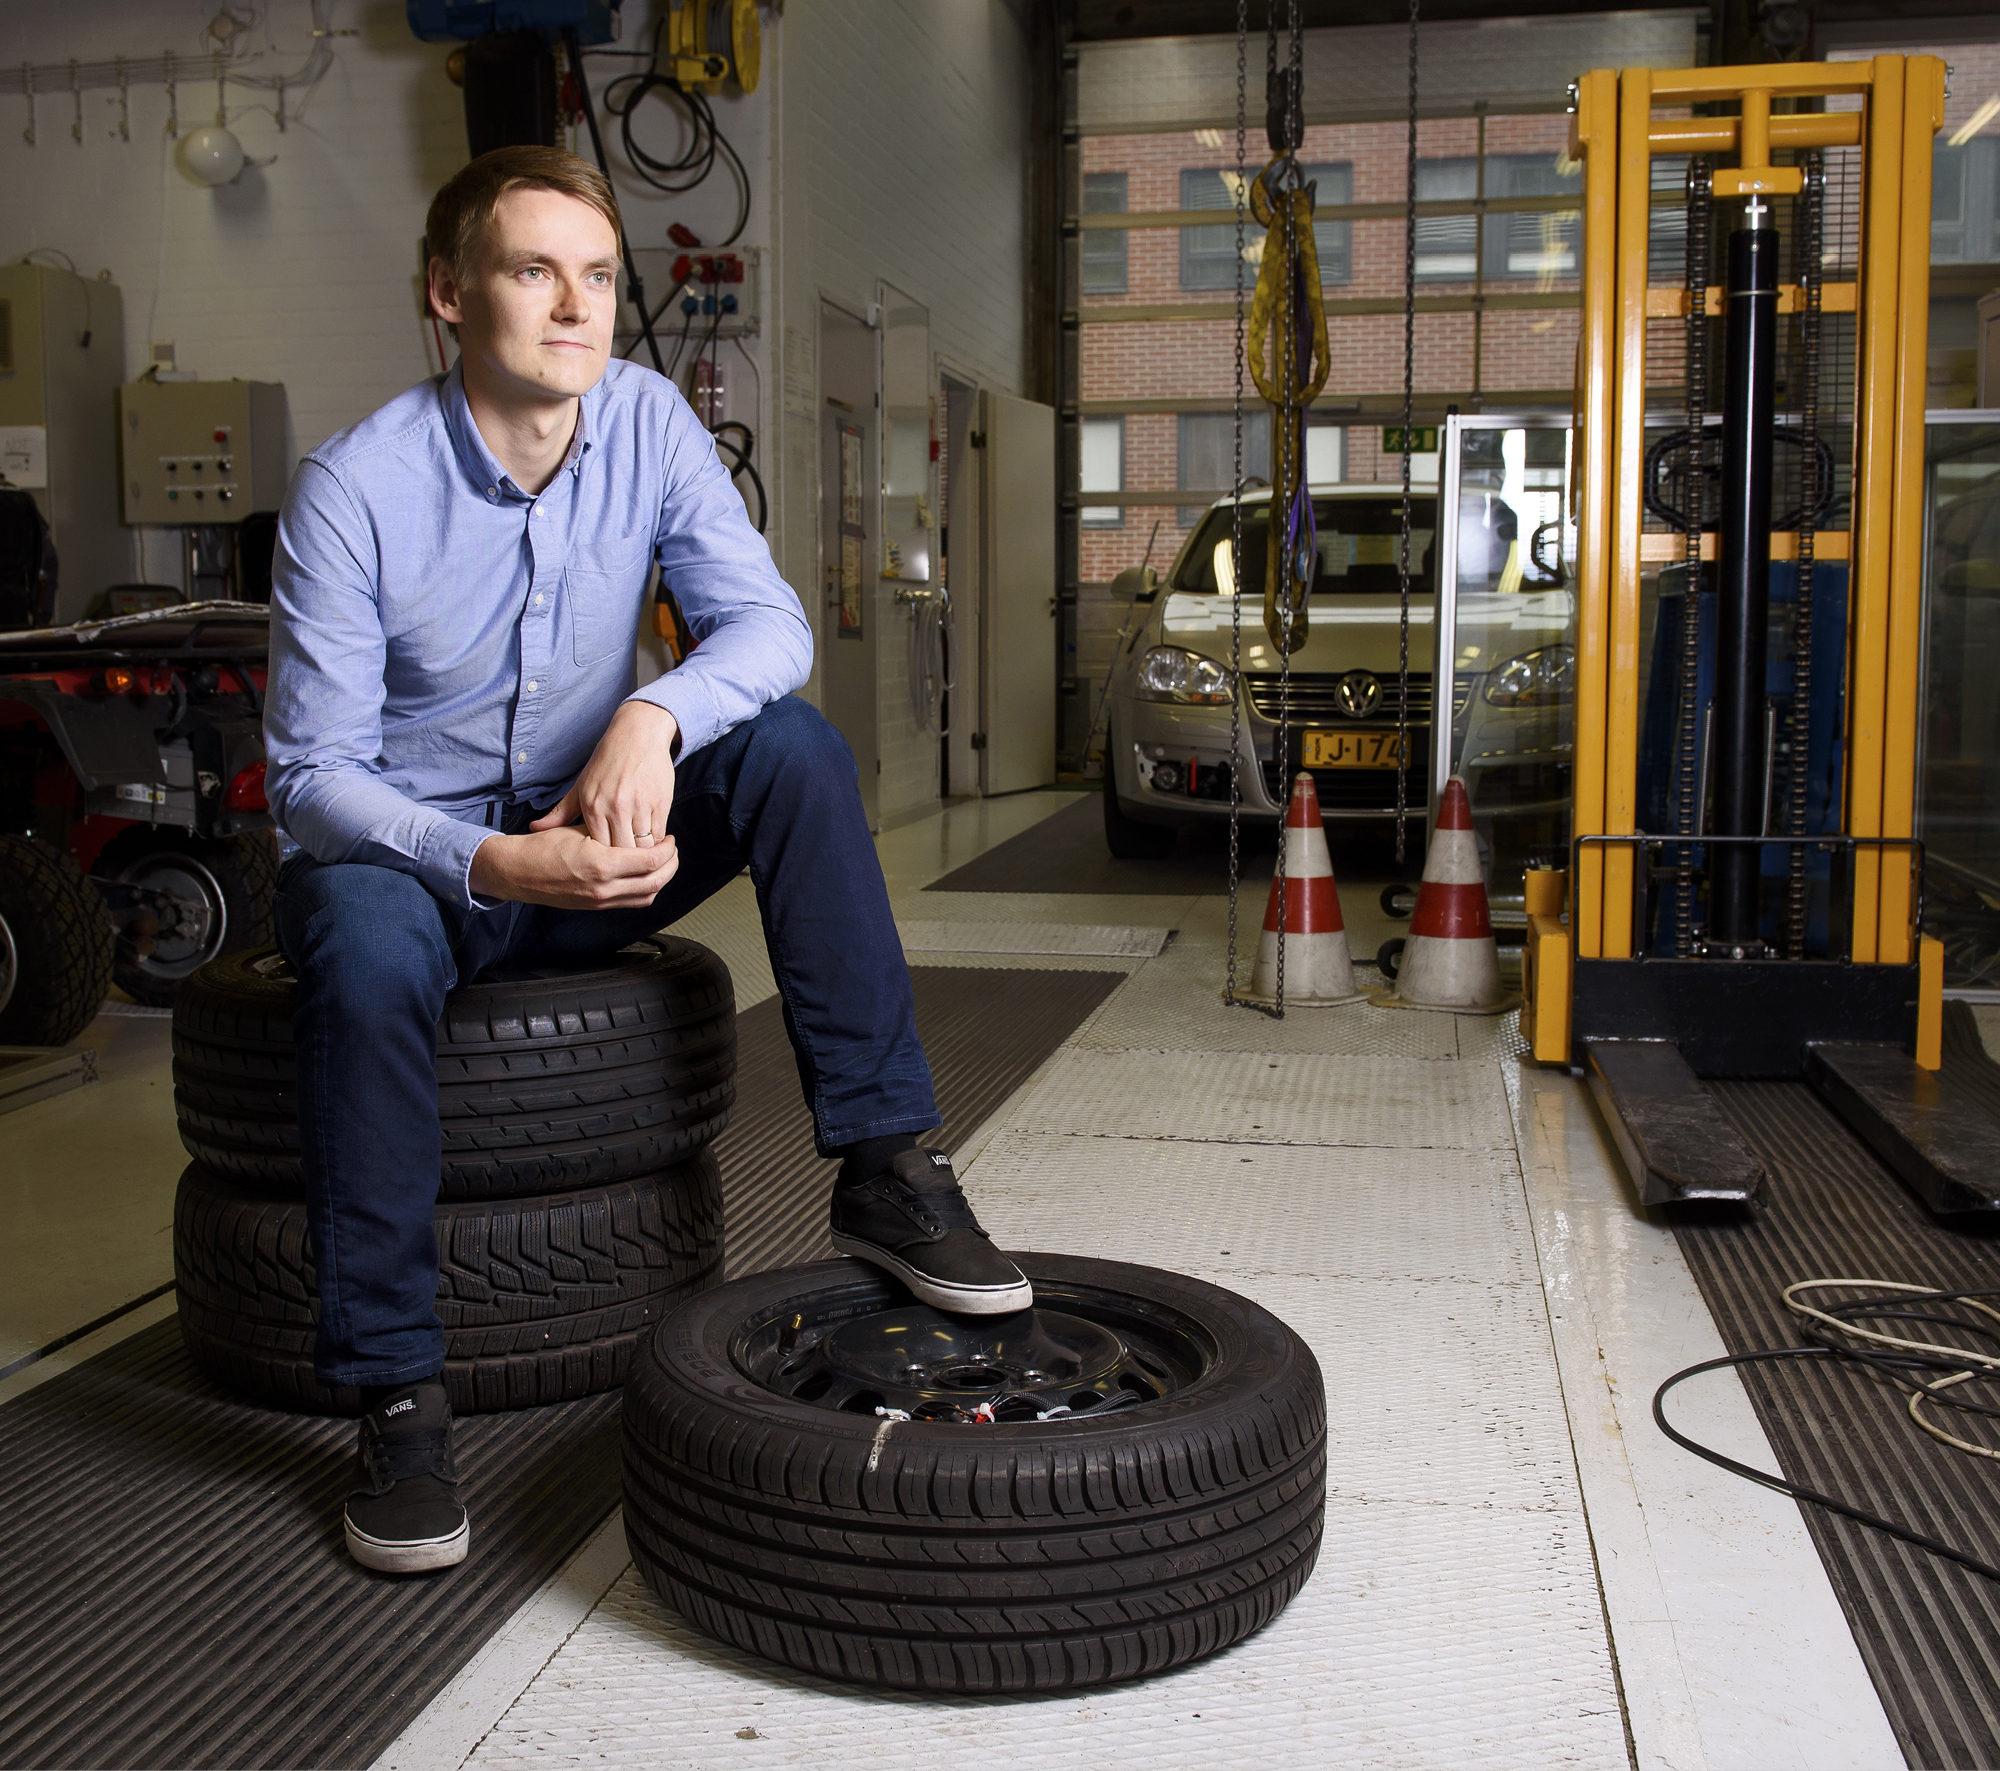 – Muun muassa italialaiset ja japanilaiset rengasvalmistajat ovat hyödyntäneet kiihtyvyys-antureita rengastutkimuksessaan, Arto Niskanen kertoo.